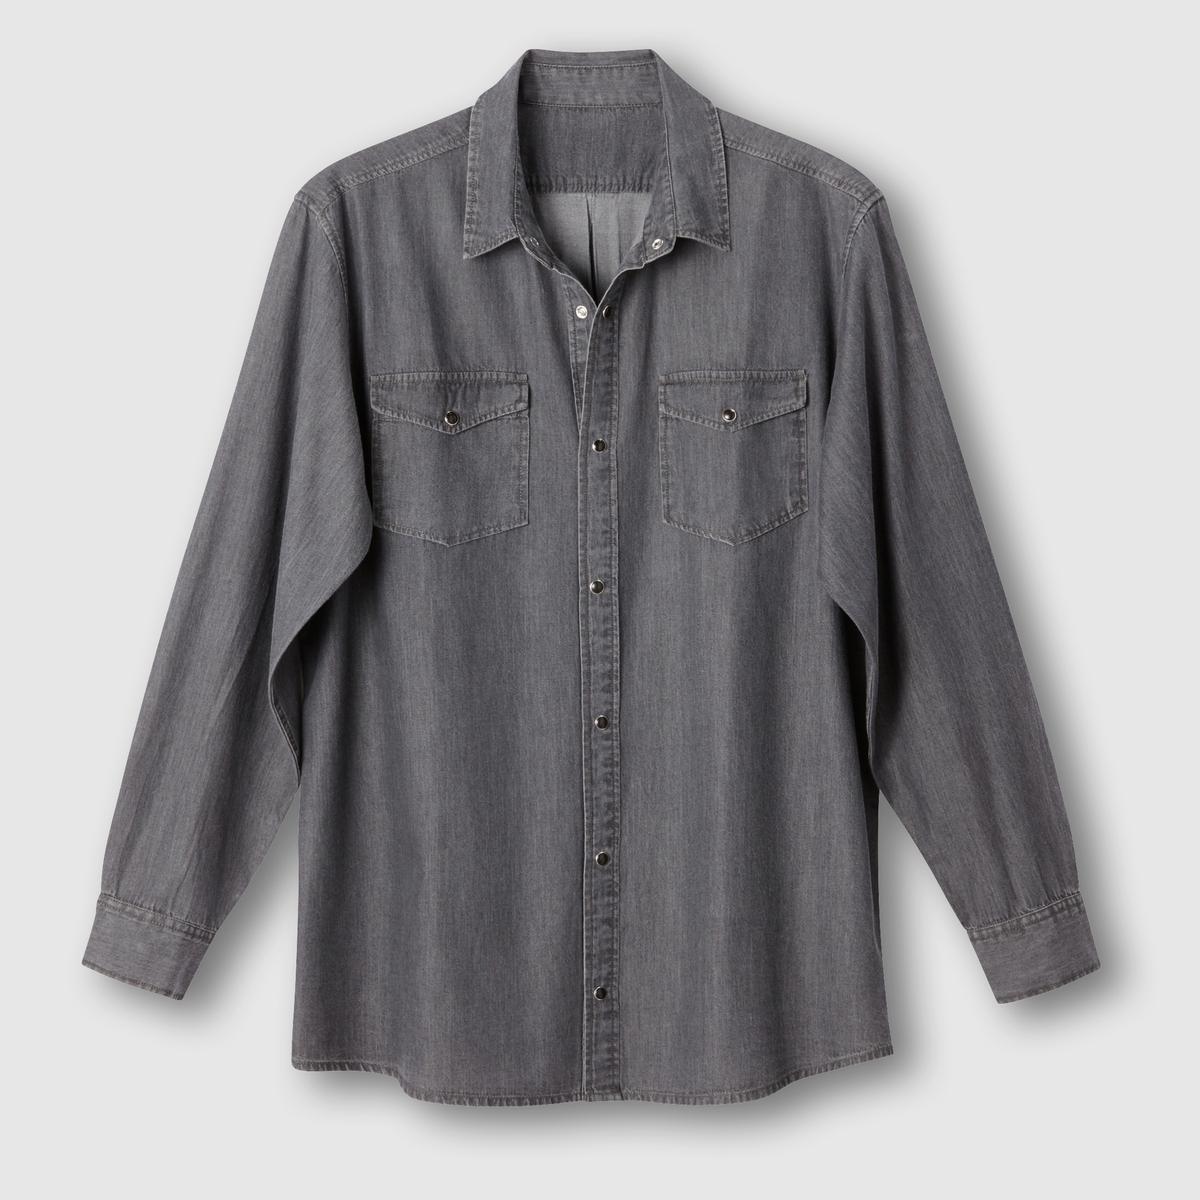 Рубашка из денимаРубашка из денима. Длинные рукава. 2 накладных нагрудных кармана с клапанами на пуговице. Застёжка на металлические кнопки. Складка для большего комфорта сзади. Закругленные полочки. Деним, 100% хлопка. Длина 85 см .<br><br>Цвет: серый,синий индиго потертый<br>Размер: 45/46.53/54